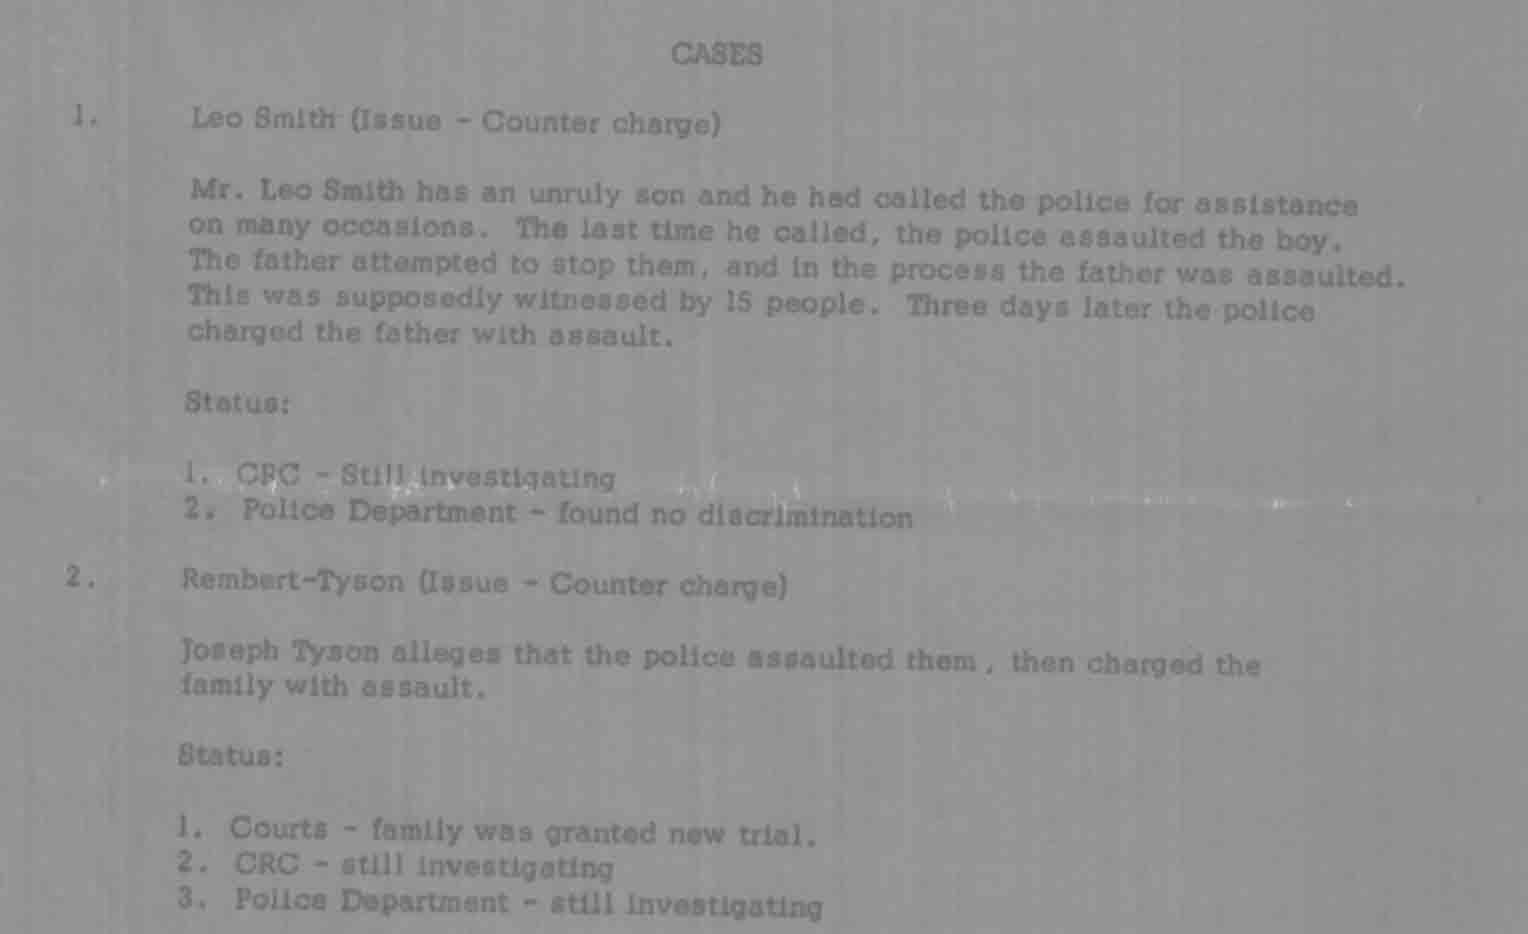 Cases, Citizens Complaint Bureau